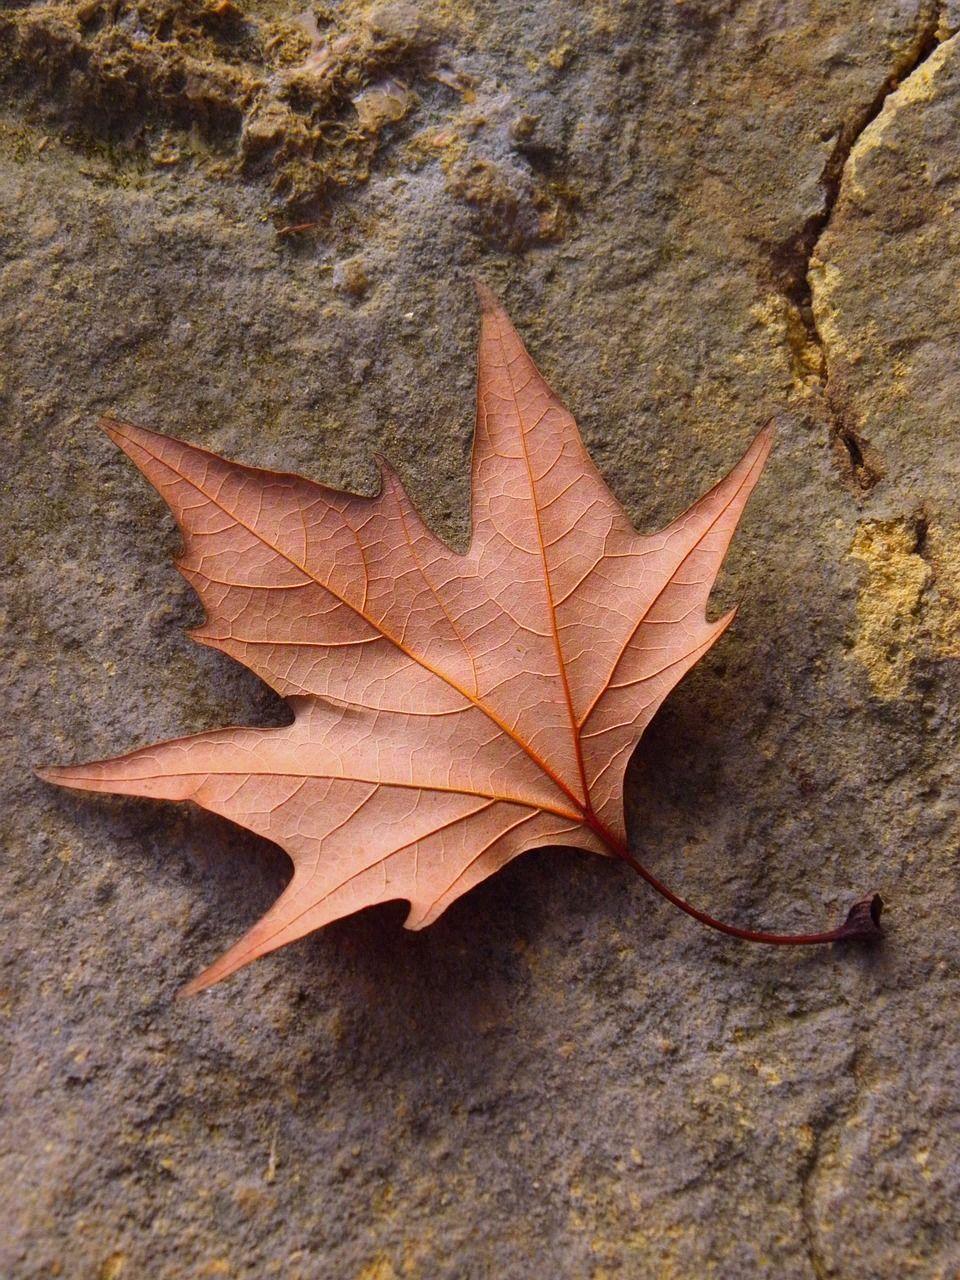 Blatt eines Ahornbaums